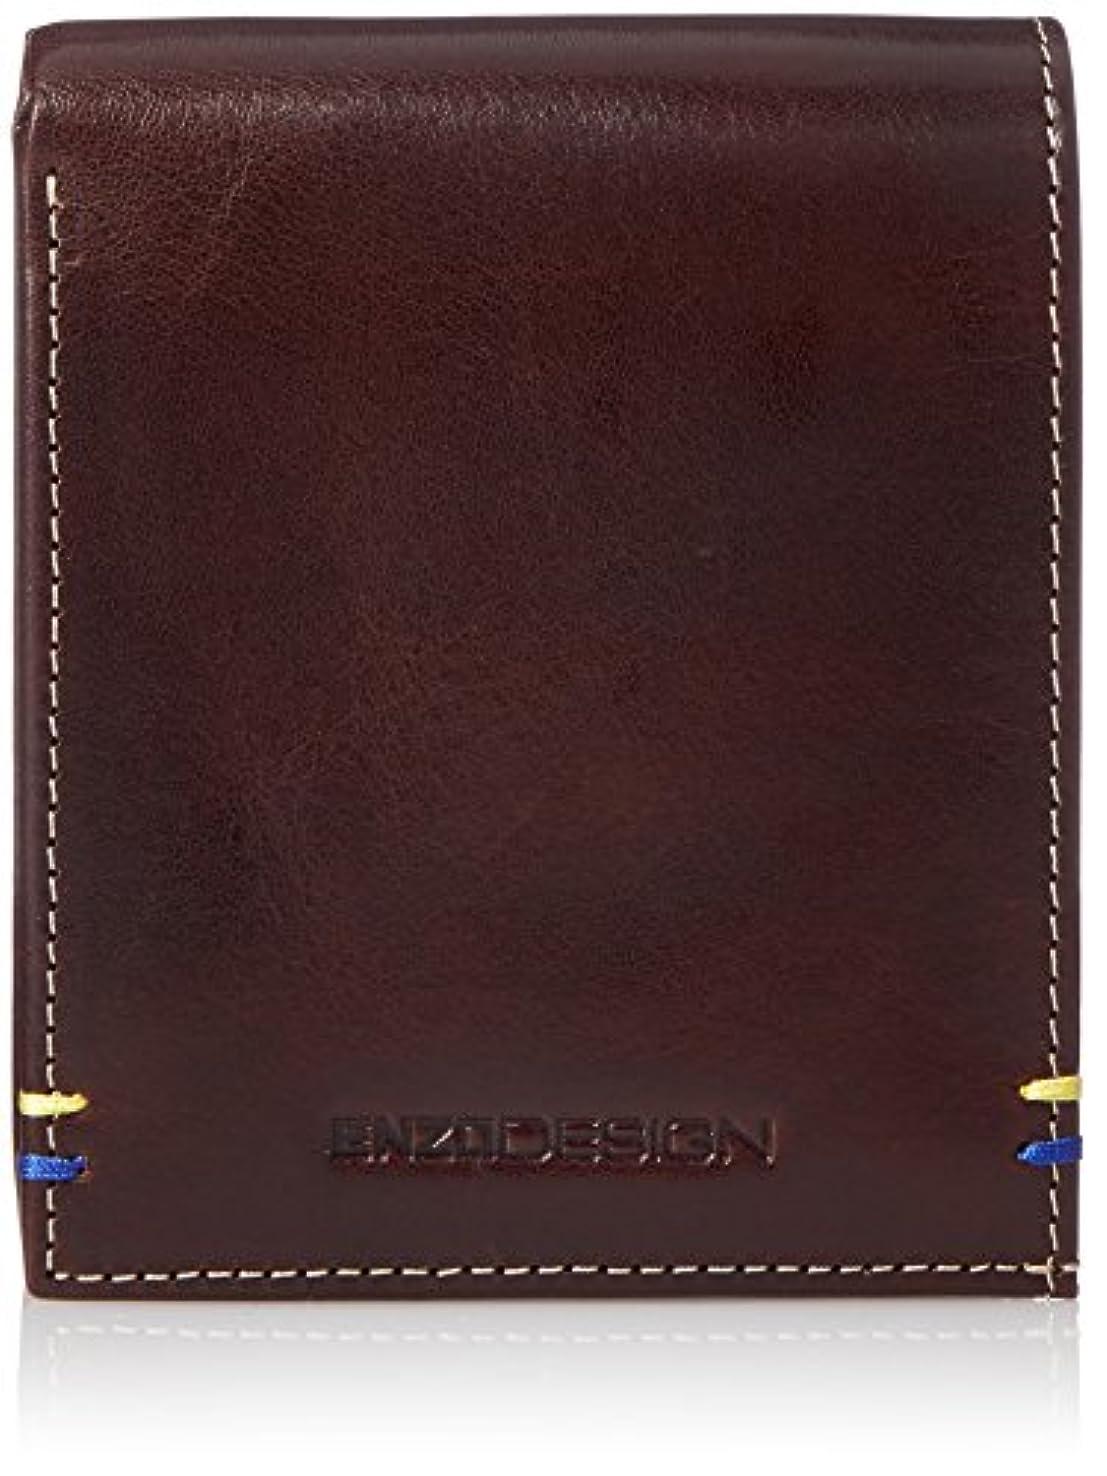 あいまいな蓮家具[エンゾーデザイン] 二つ折り財布 イタリアンレザー 3016-01